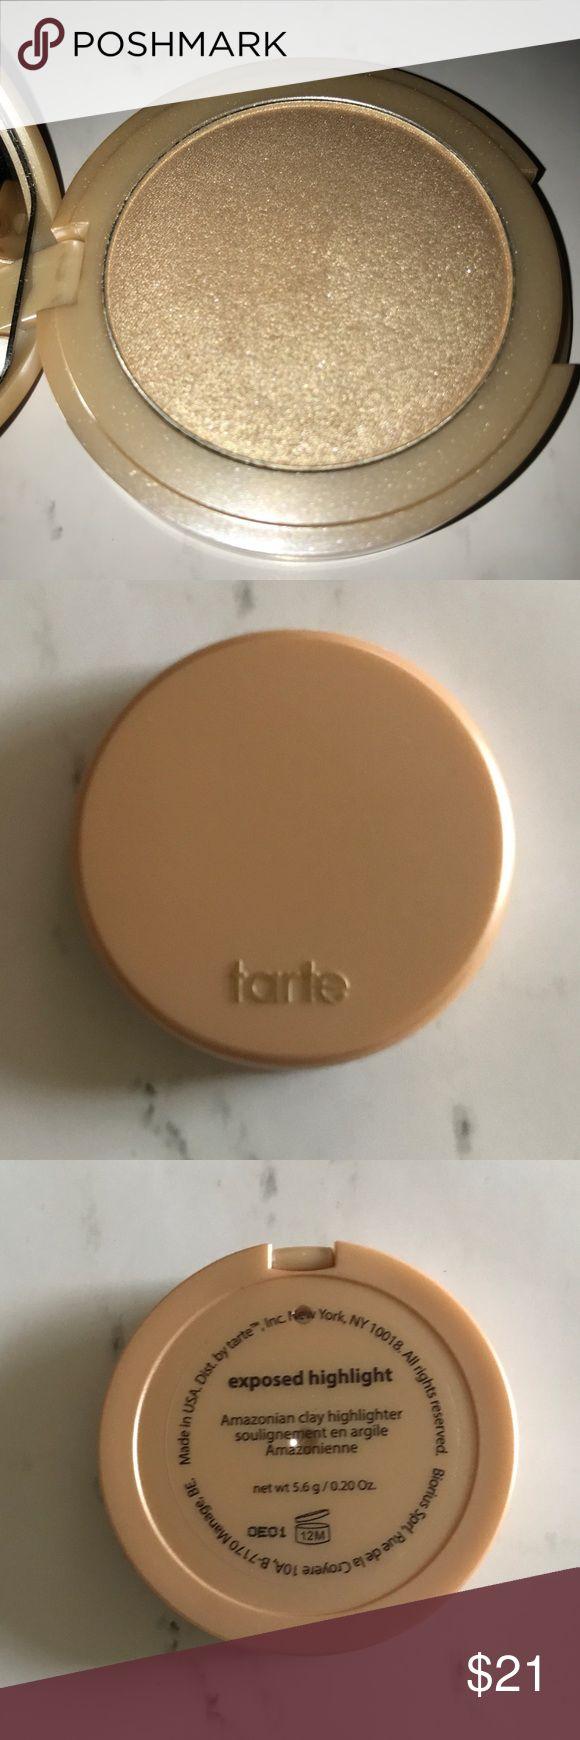 """Tarte Highlighter in the shade """"Exposed"""" ✨✨✨ Tarte Amazonian Clay 12- hour Highlighter in the shade """"Exposed"""" ✨✨✨ tarte Makeup Luminizer"""